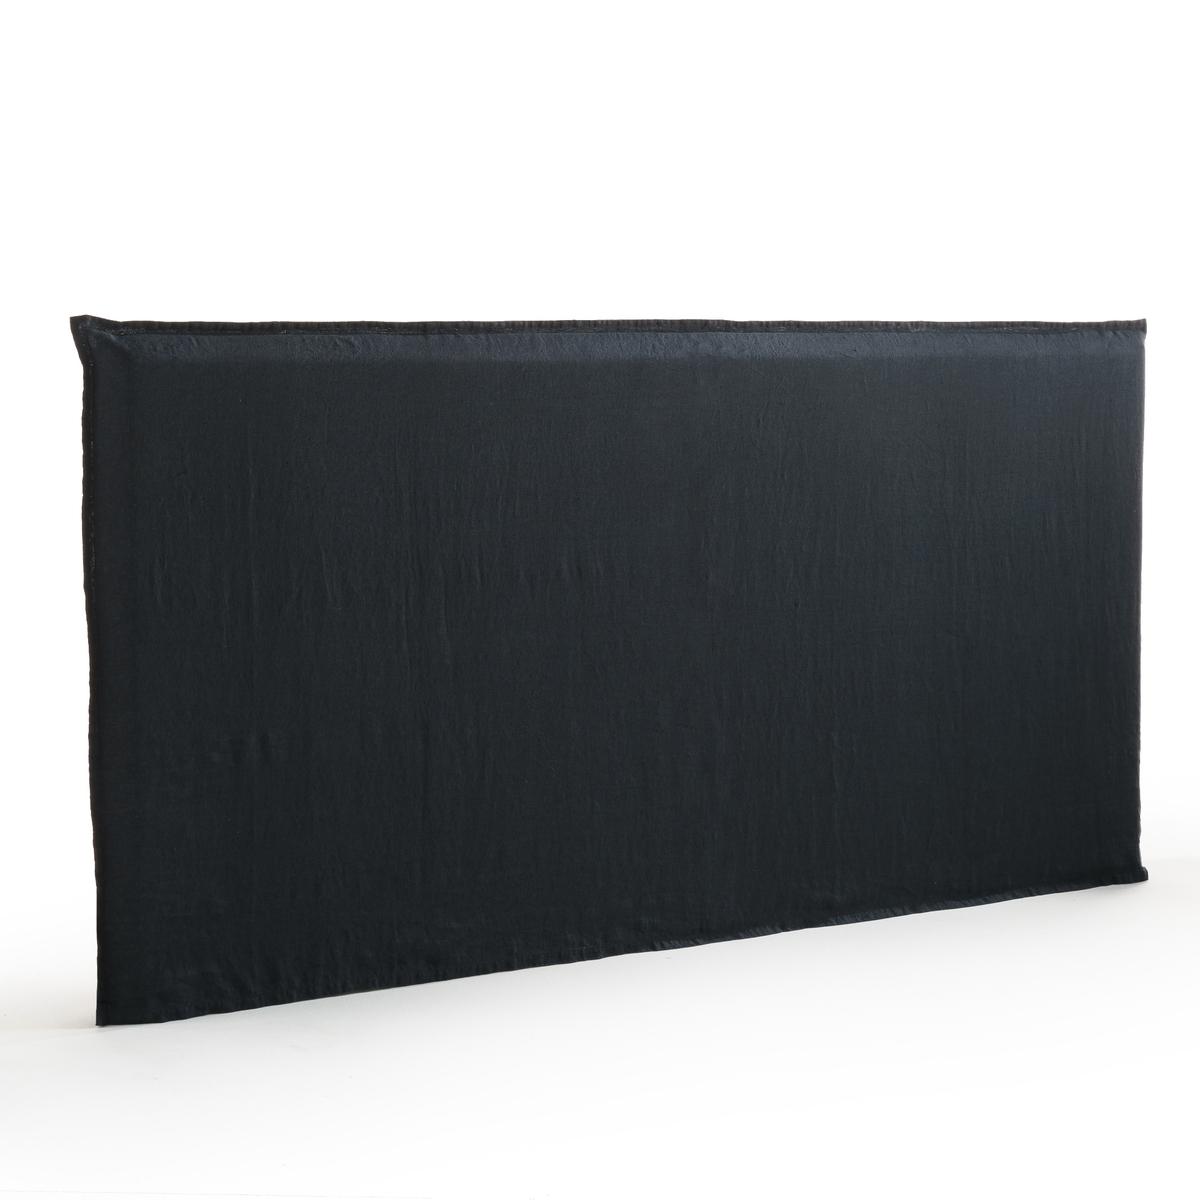 Чехол из стиранного льна для изголовья кровати XL, SandorЛьняной чехол XL  Sandor. Идеально подходит для изголовий кровати Sandor XL. Лен. Простой уход, легкий жатый и стиранный эффект, мягкий, нежный современный материал, который со временем только становится лучше.Материал :- 100% плотный лён. Отделка :- В форме наволочки, плоский волан в 2,5 см. Уход :- Машинная стирка при 40 °С. Размеры :- Ширина 265 x Высота 135 см.<br><br>Цвет: белый